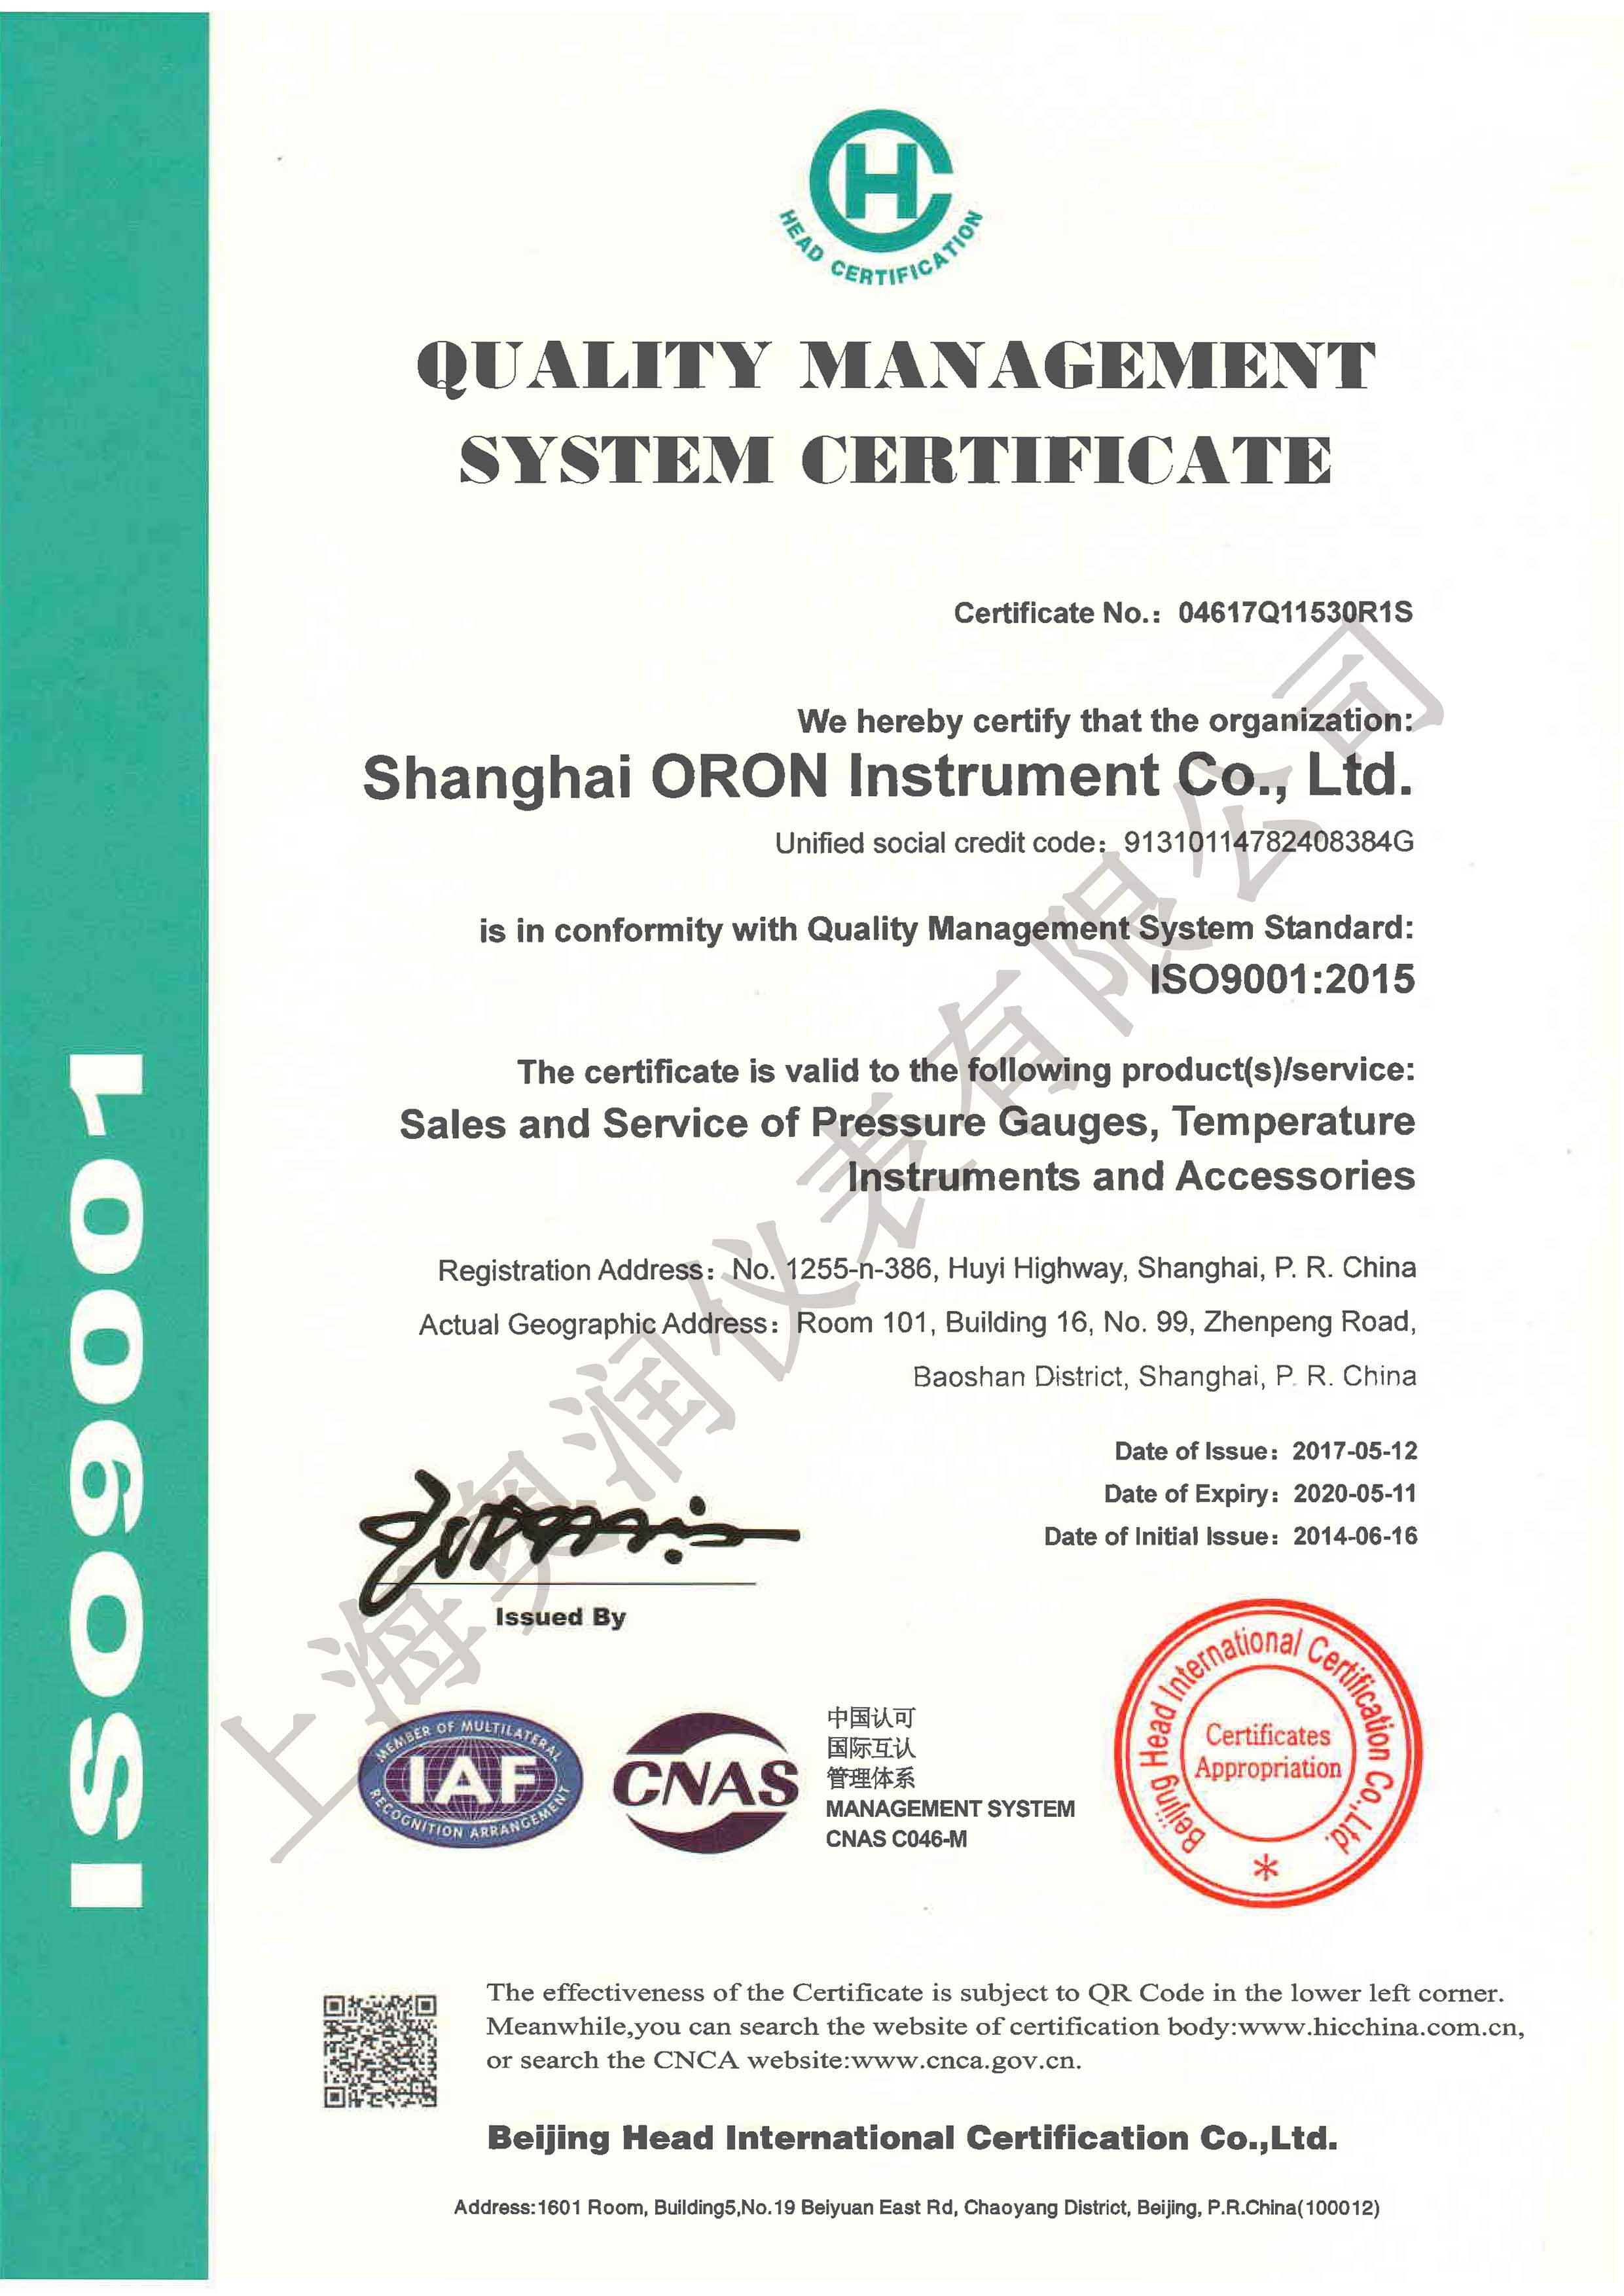 質量管理體系認證證書 ISO9001